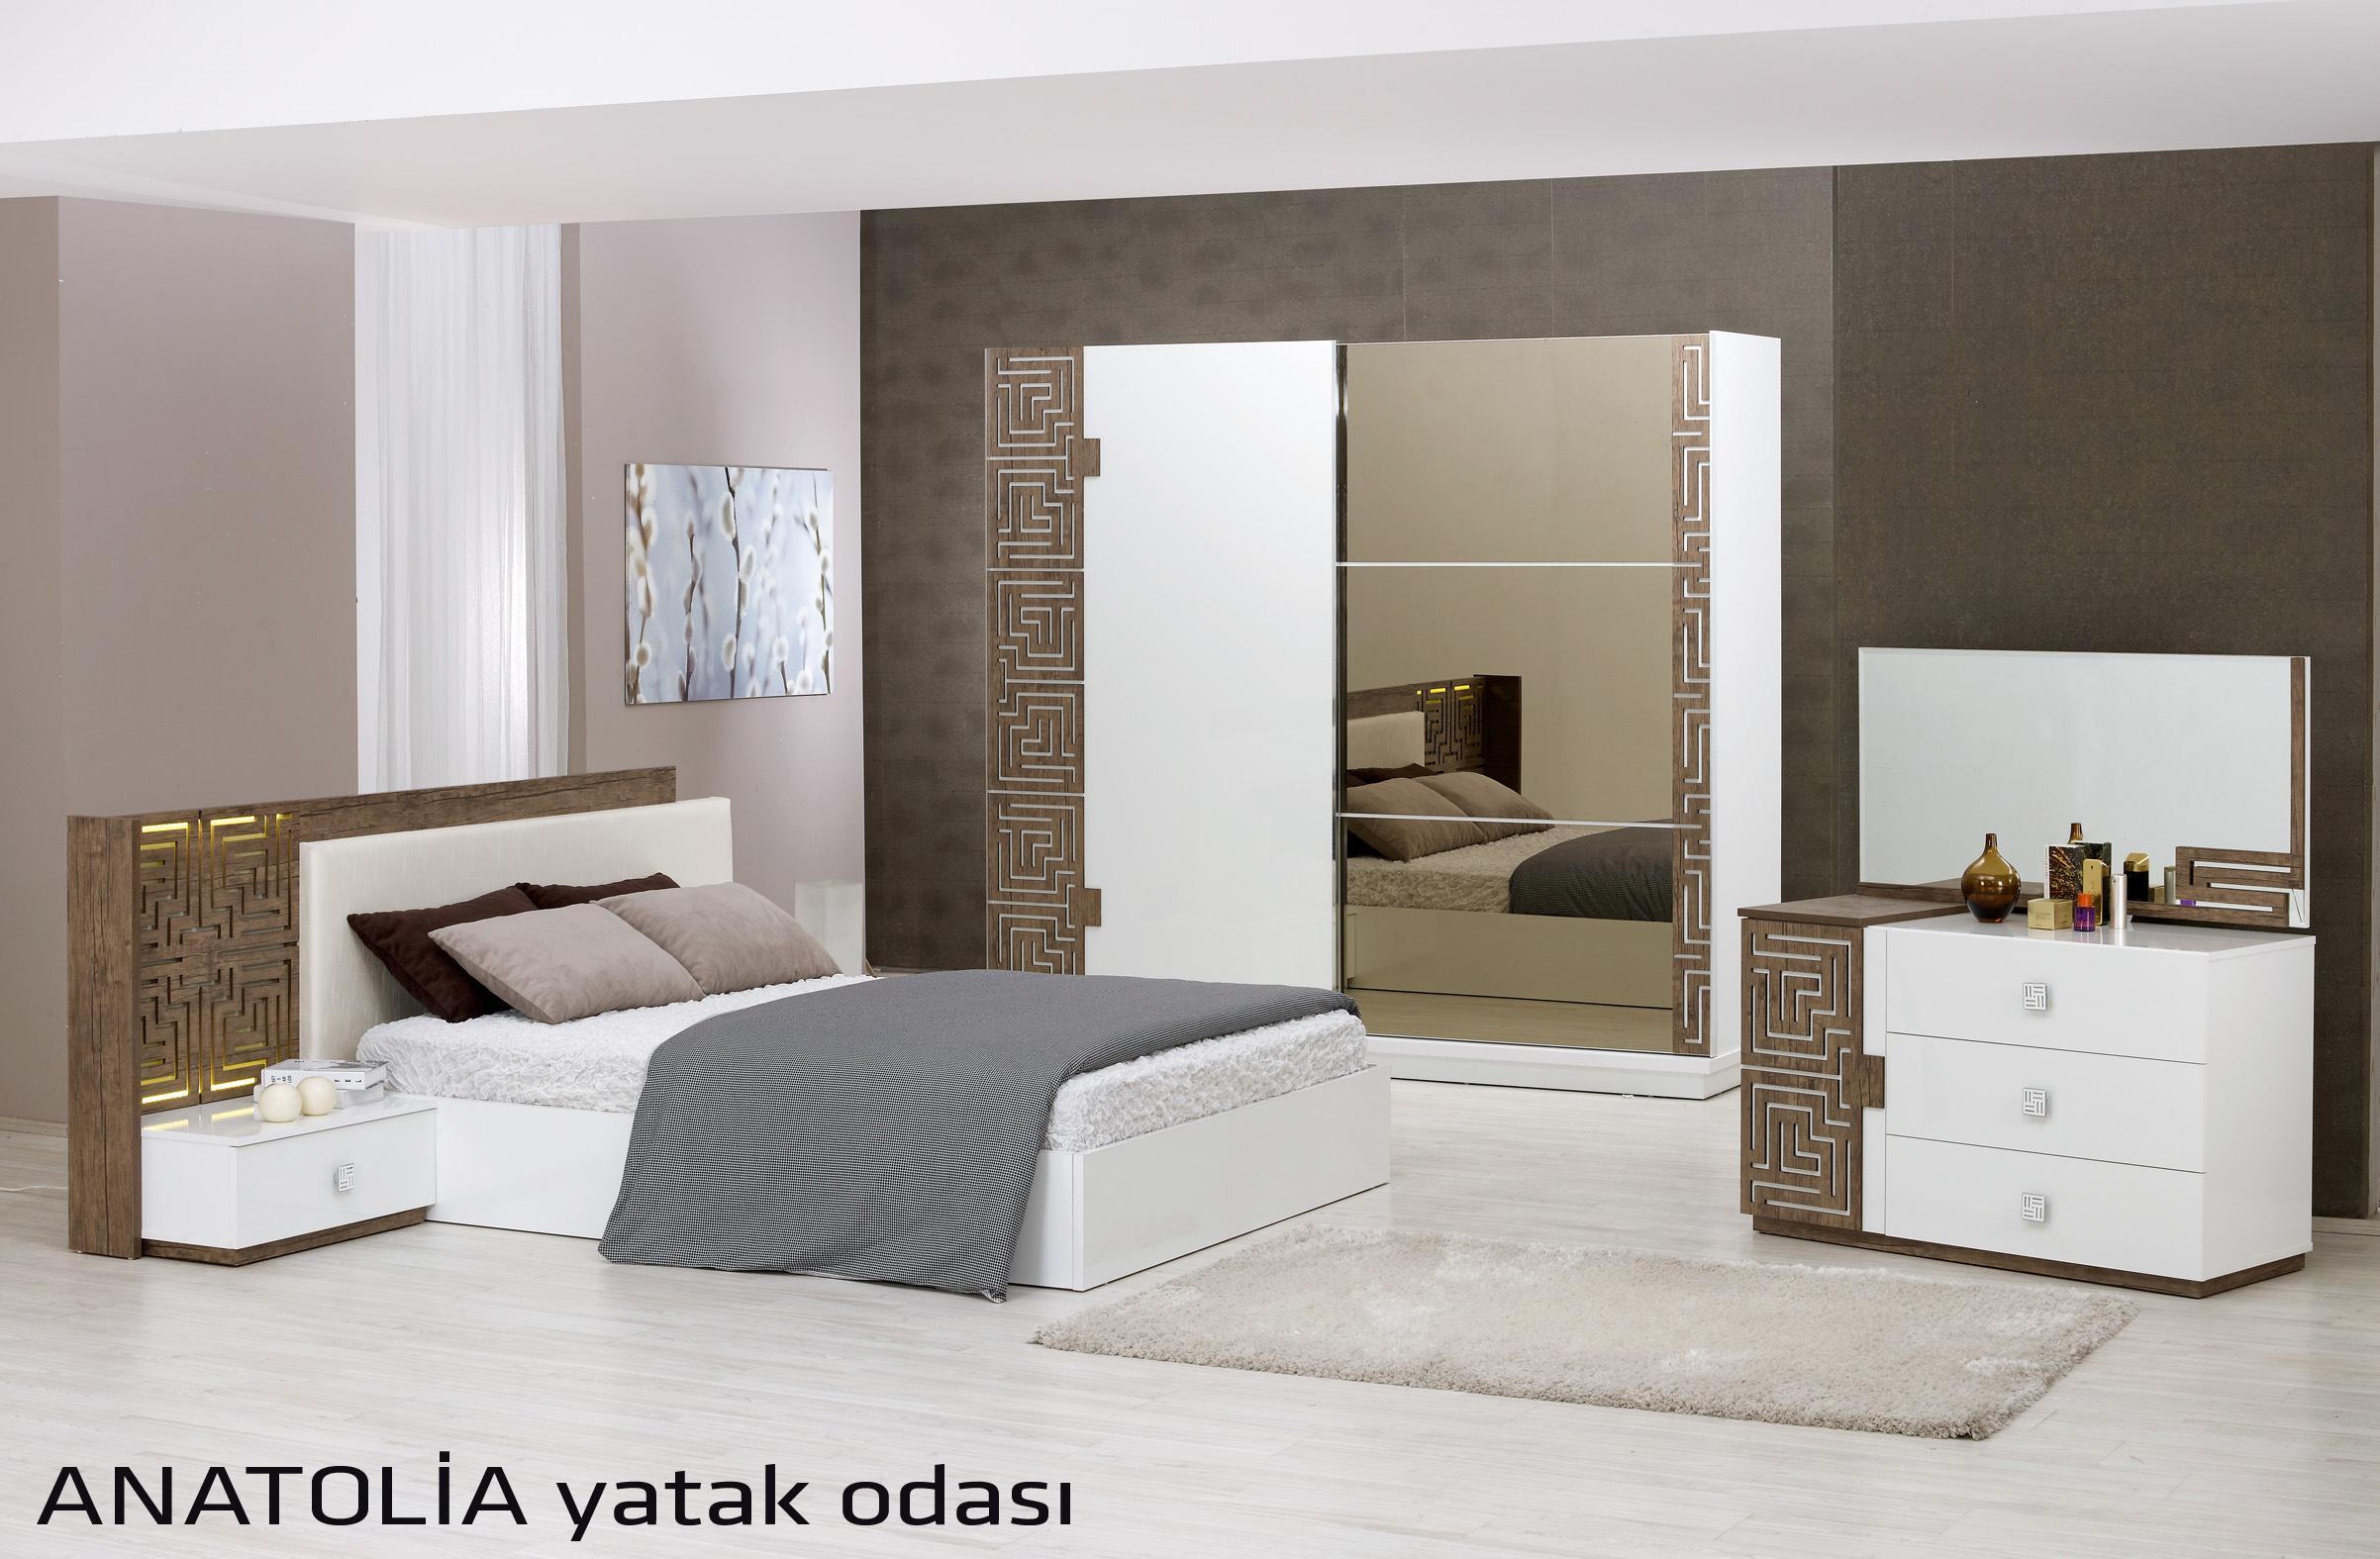 Arredamento camera da letto contemporaneo 1 0 50 0 - Camera da letto stile contemporaneo ...